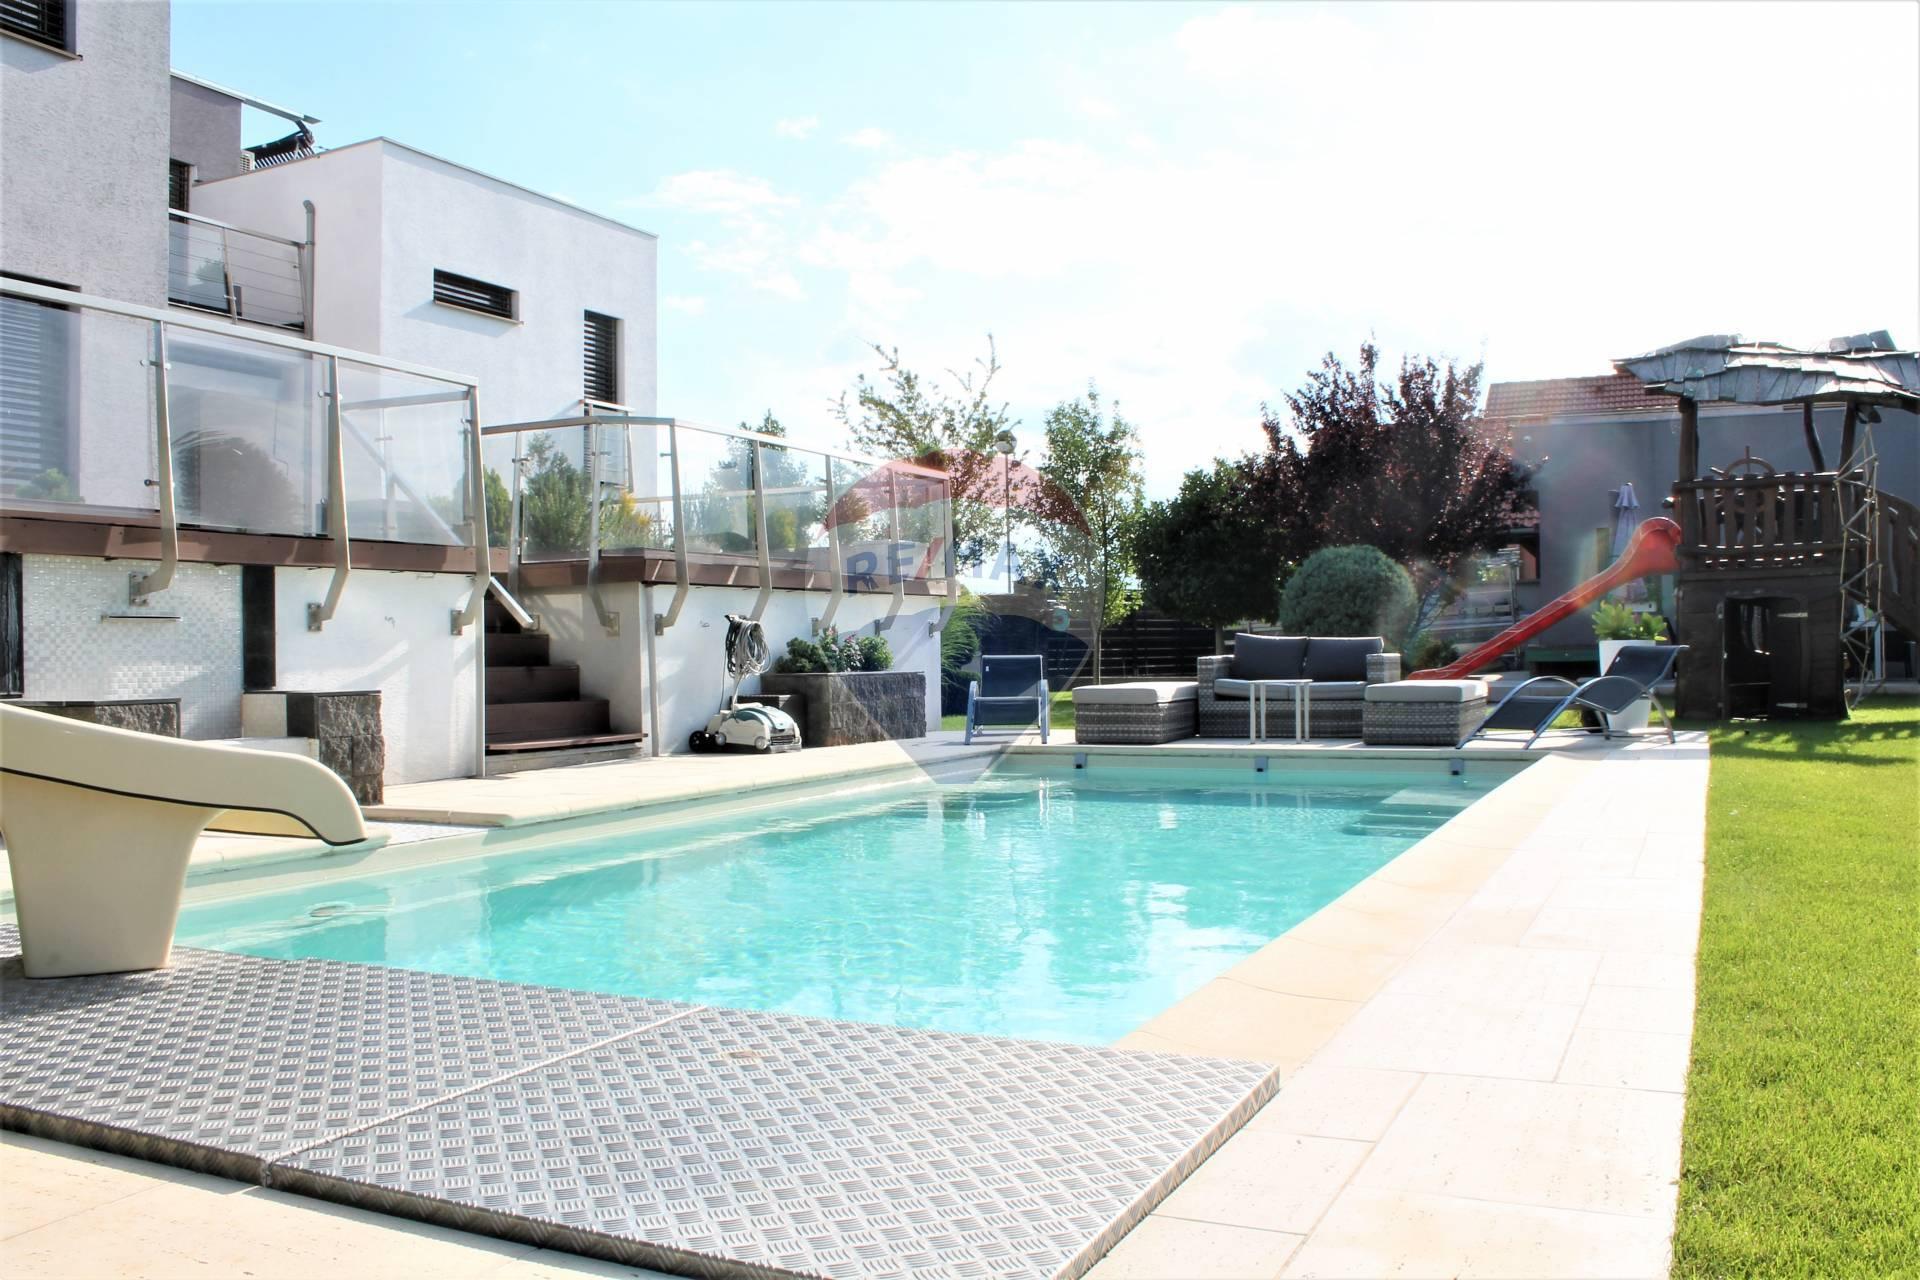 PREDAJ: Rodinný dom, garáž, bazén, pozemok 1214 m2, Štvrtok na ostrove.